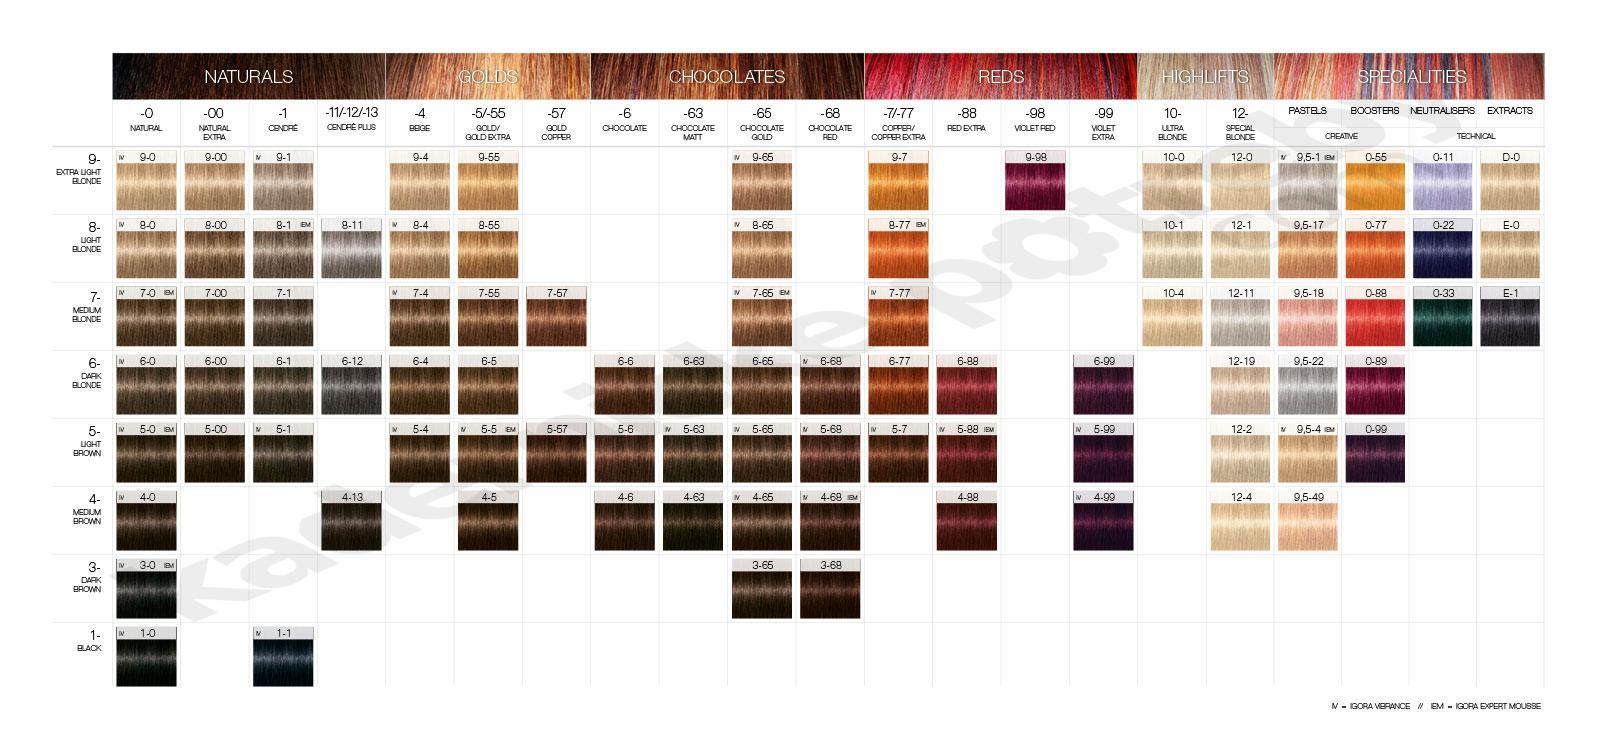 צבעים לשיער איגורה רויאל שוורצקופף